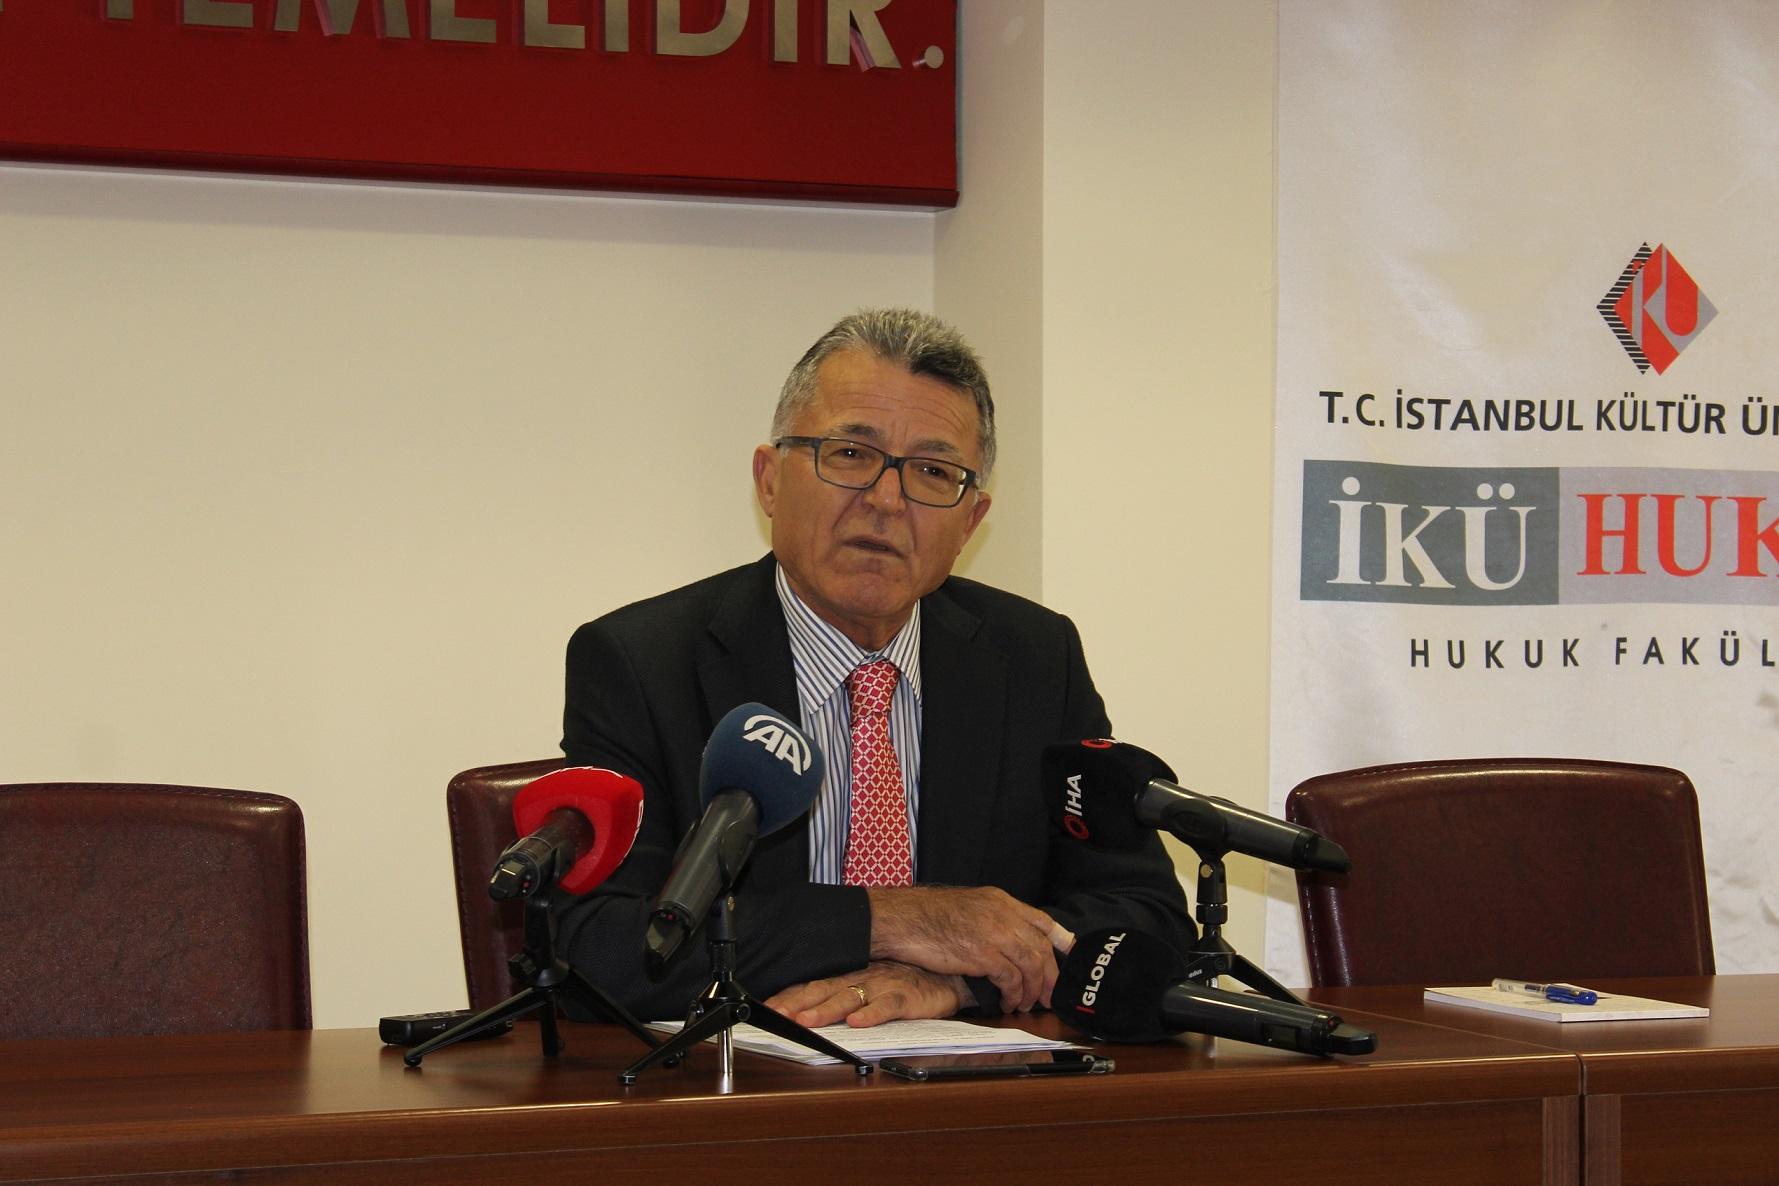 1'inci Yargı Reformu Paketi'ne yönelik ilk detaylar açıklandı